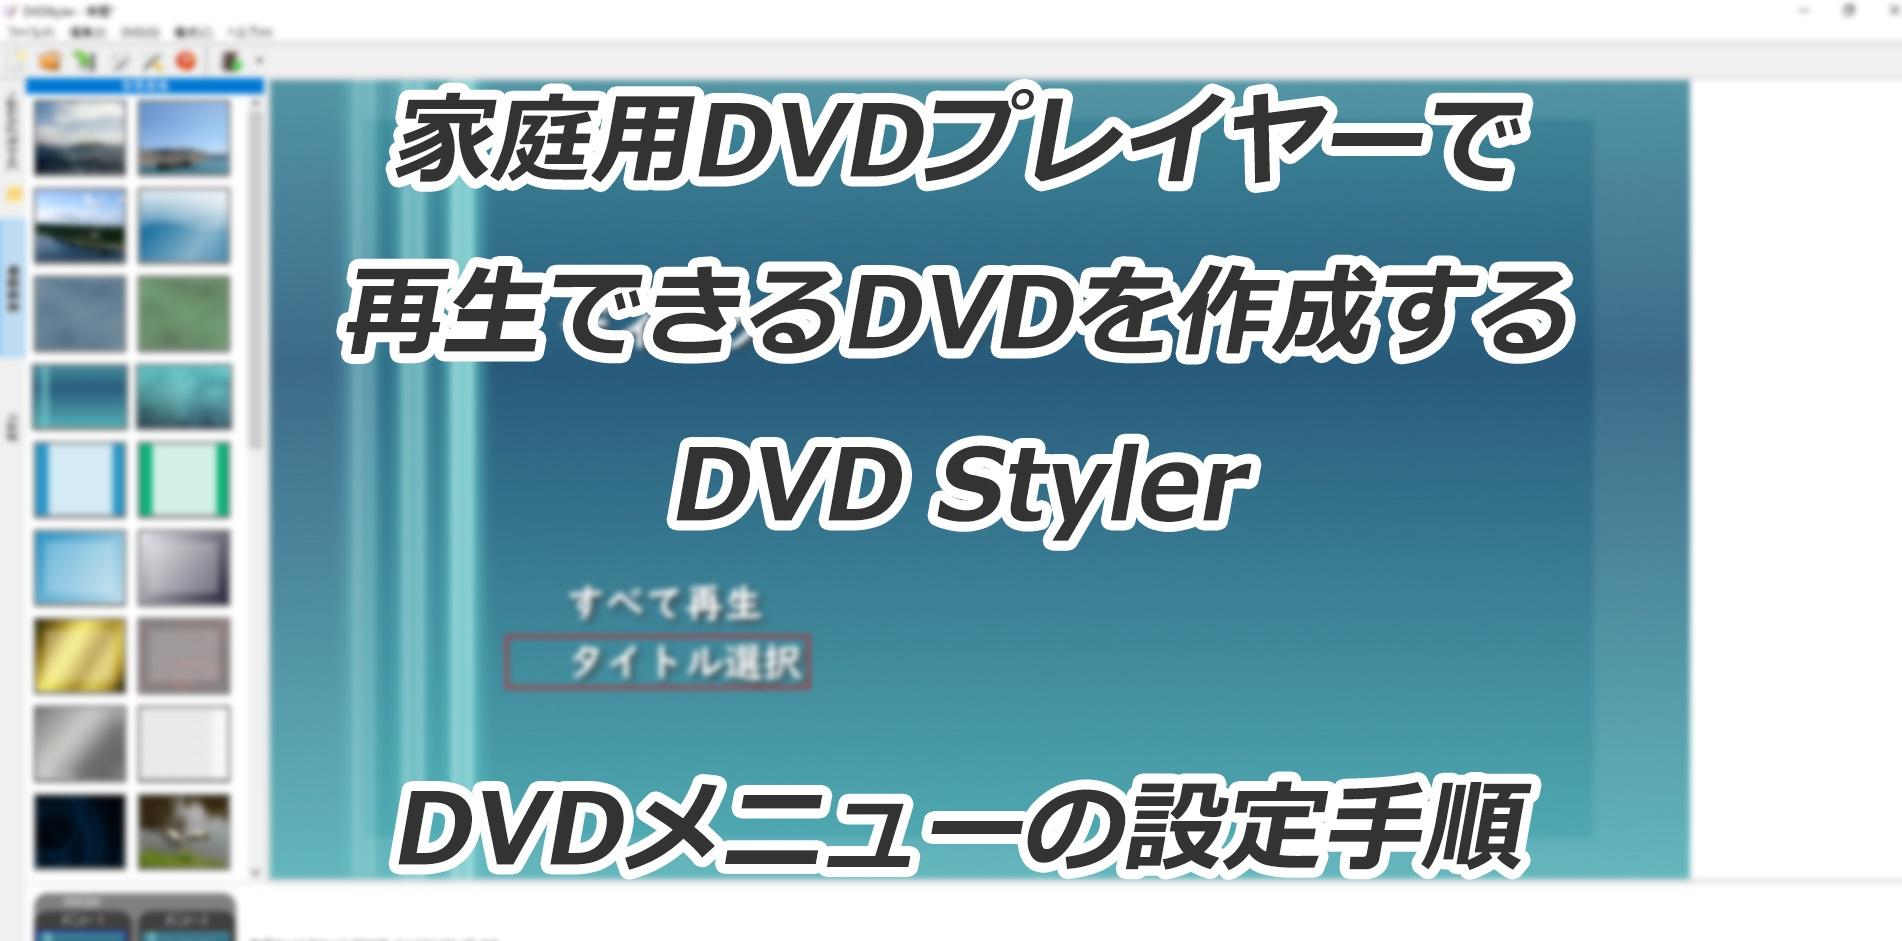 DVD Styler DVD用メニューの設定と背景画像差し替え手順